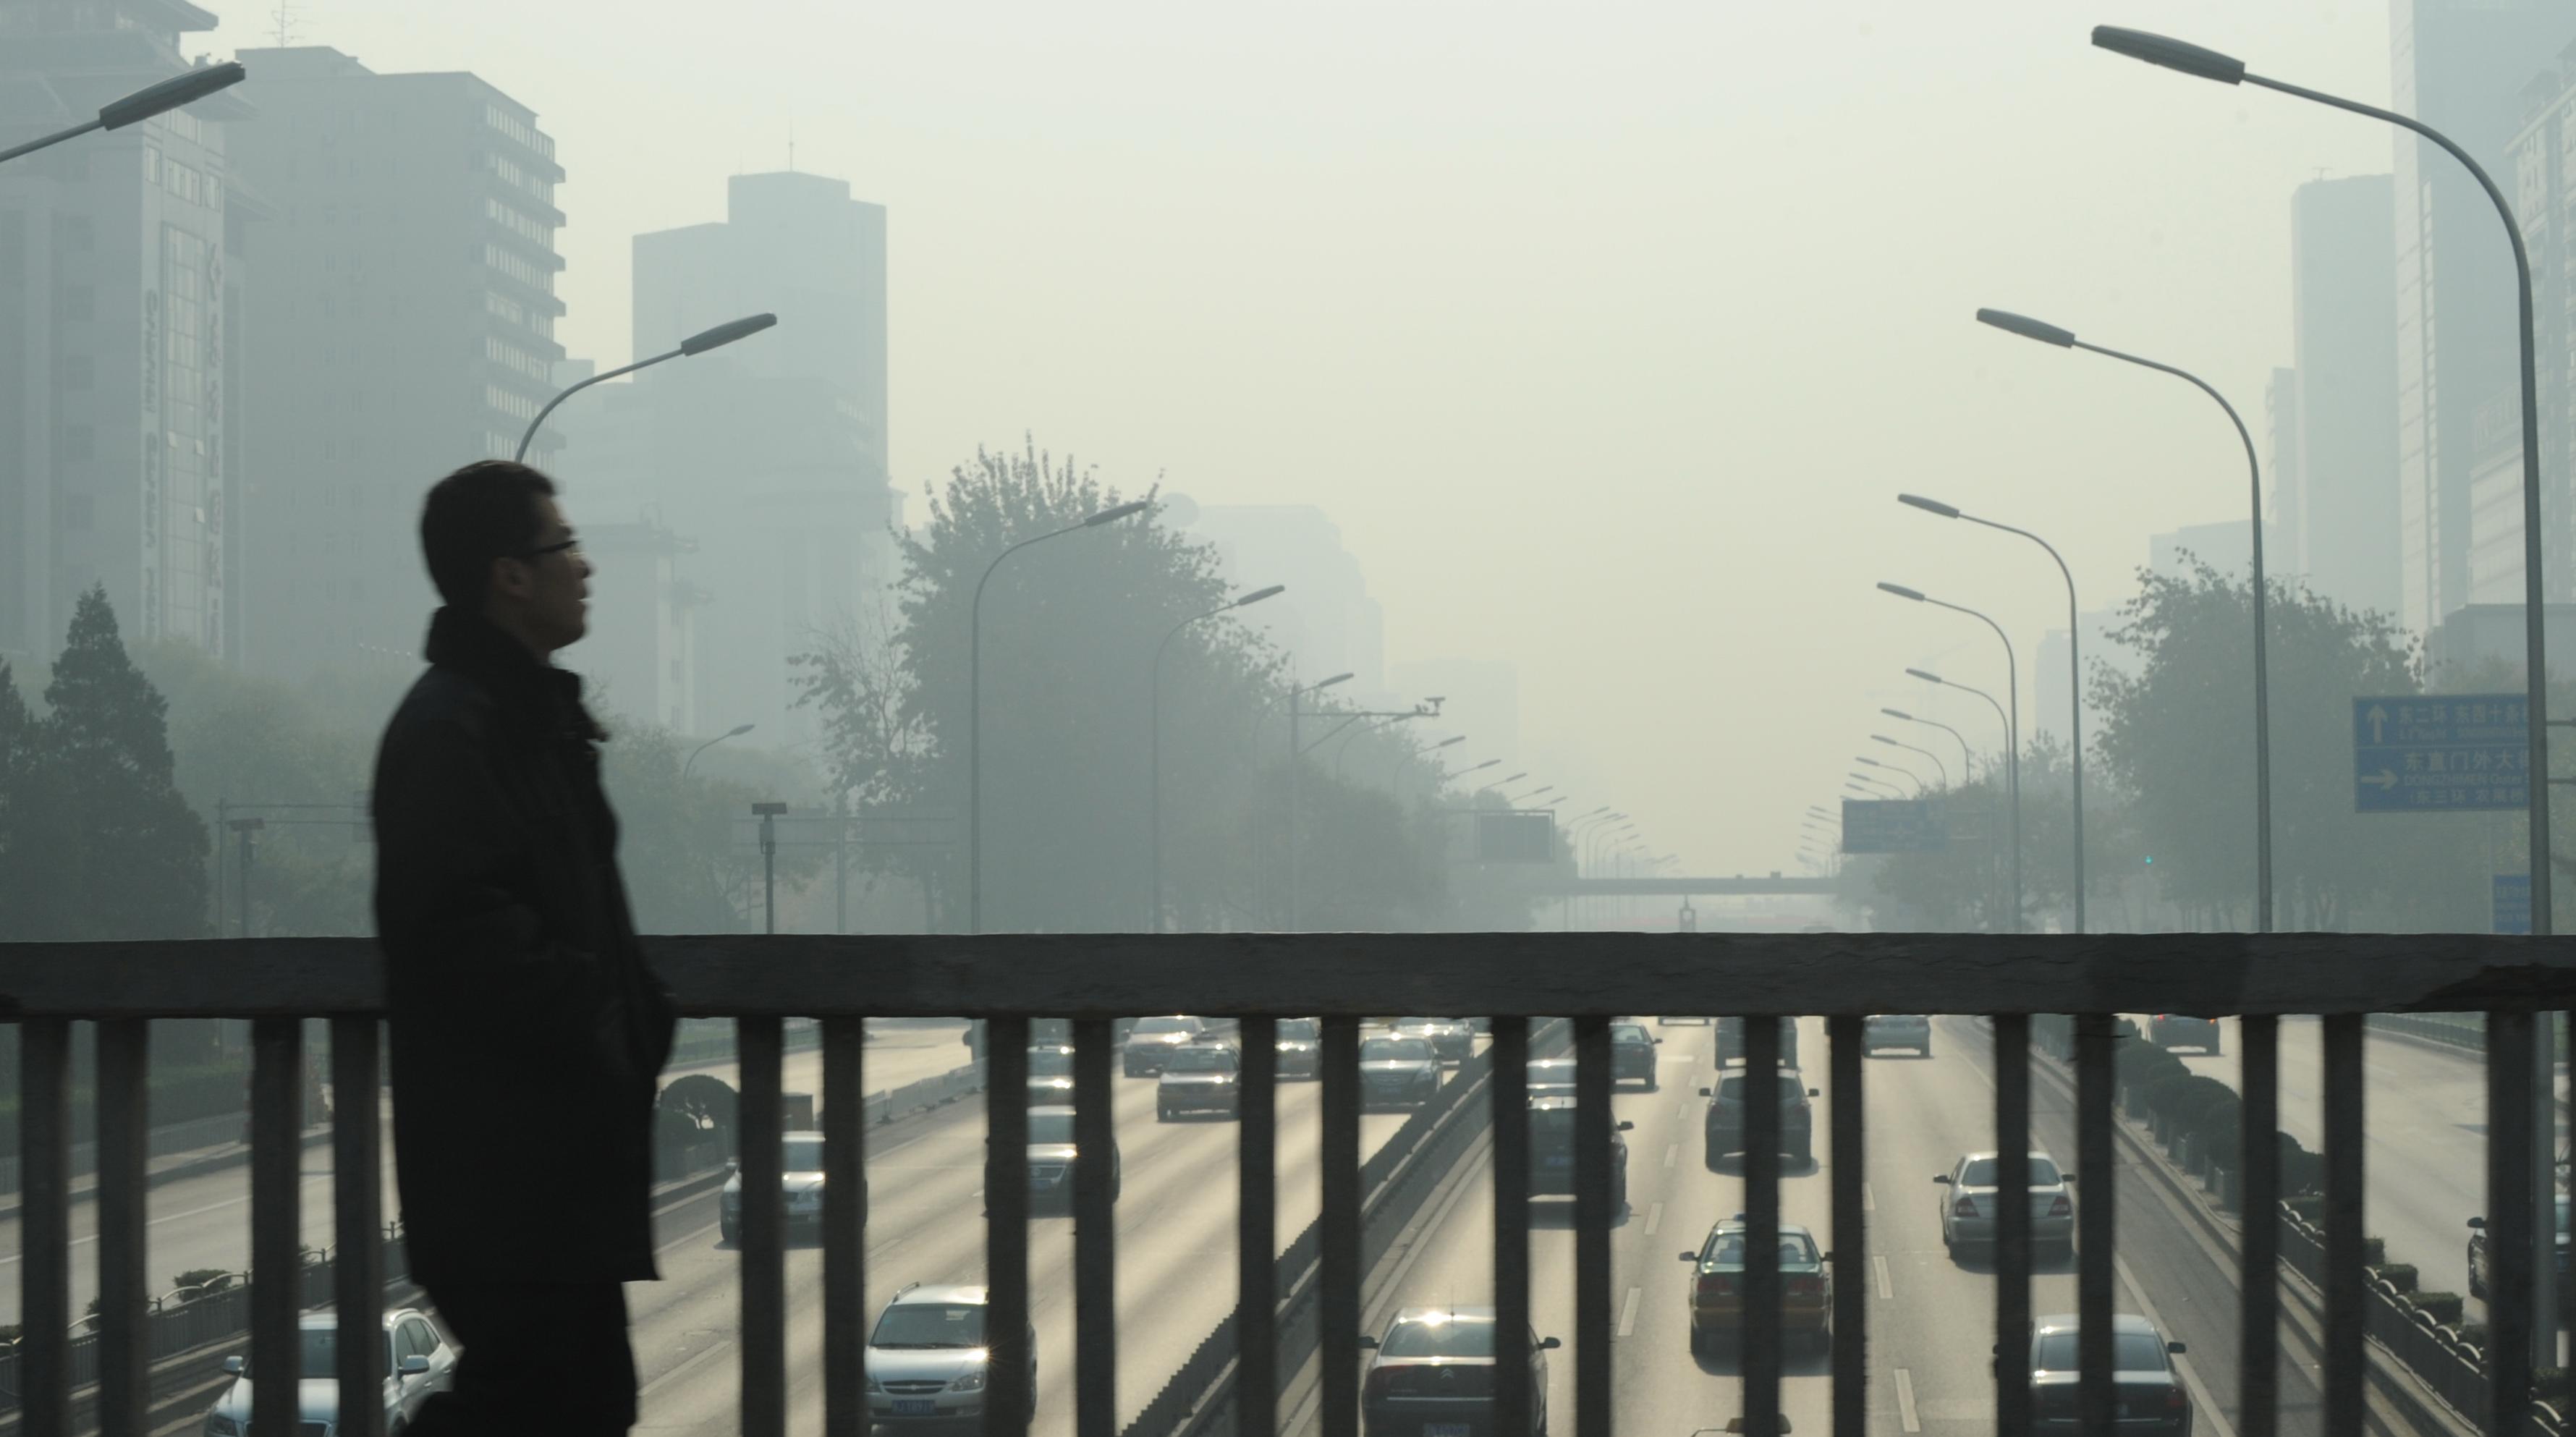 133961462 - США продолжает выкладывать данные о воздухе в Пекине